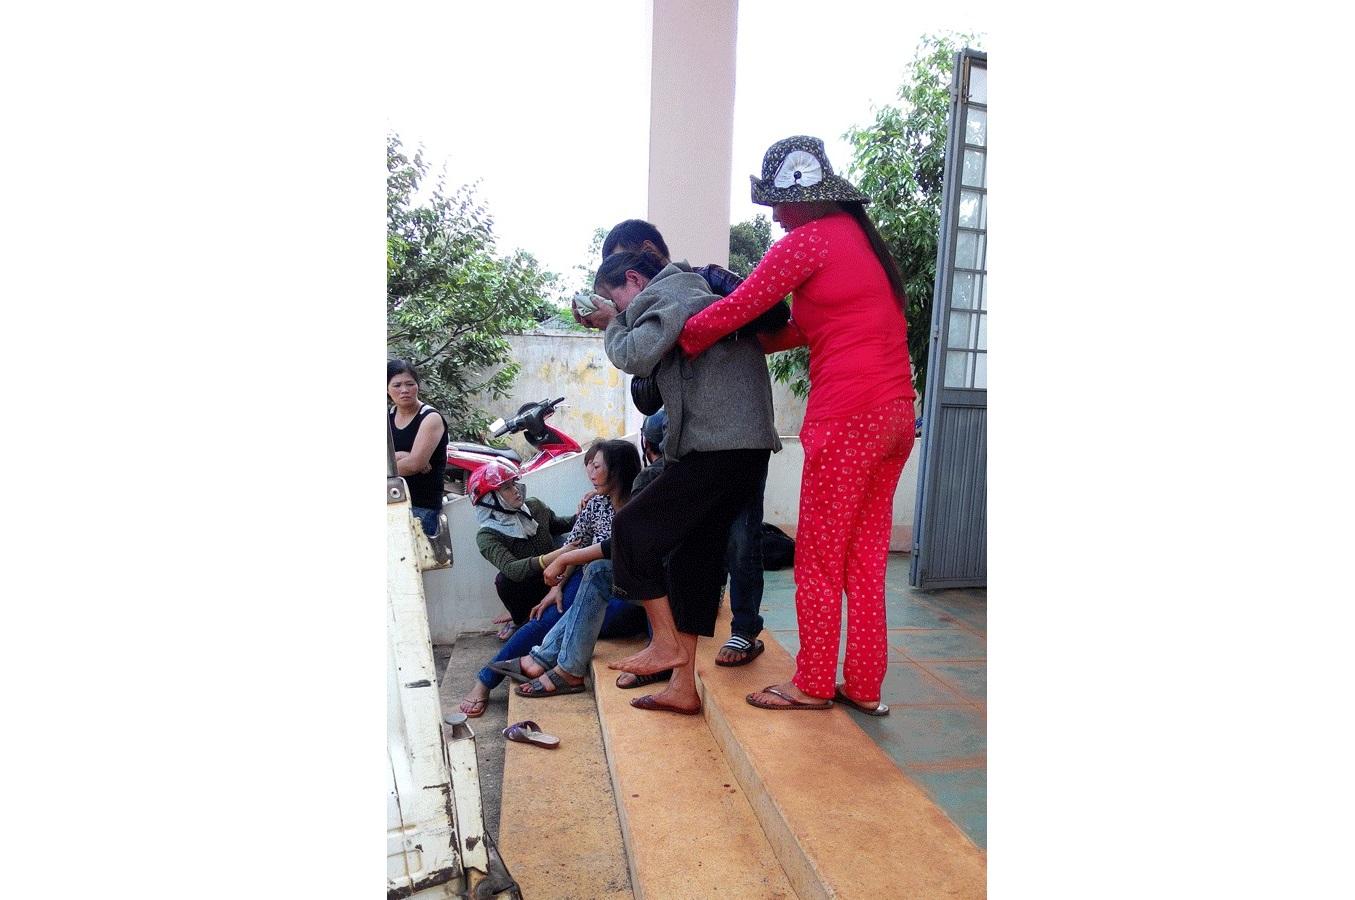 Gia Lai: Vụ tai nạn thương tâm tại Tân Bình-Đak Đoa - Sức khỏe nạn nhân đang diễn biến khó lường